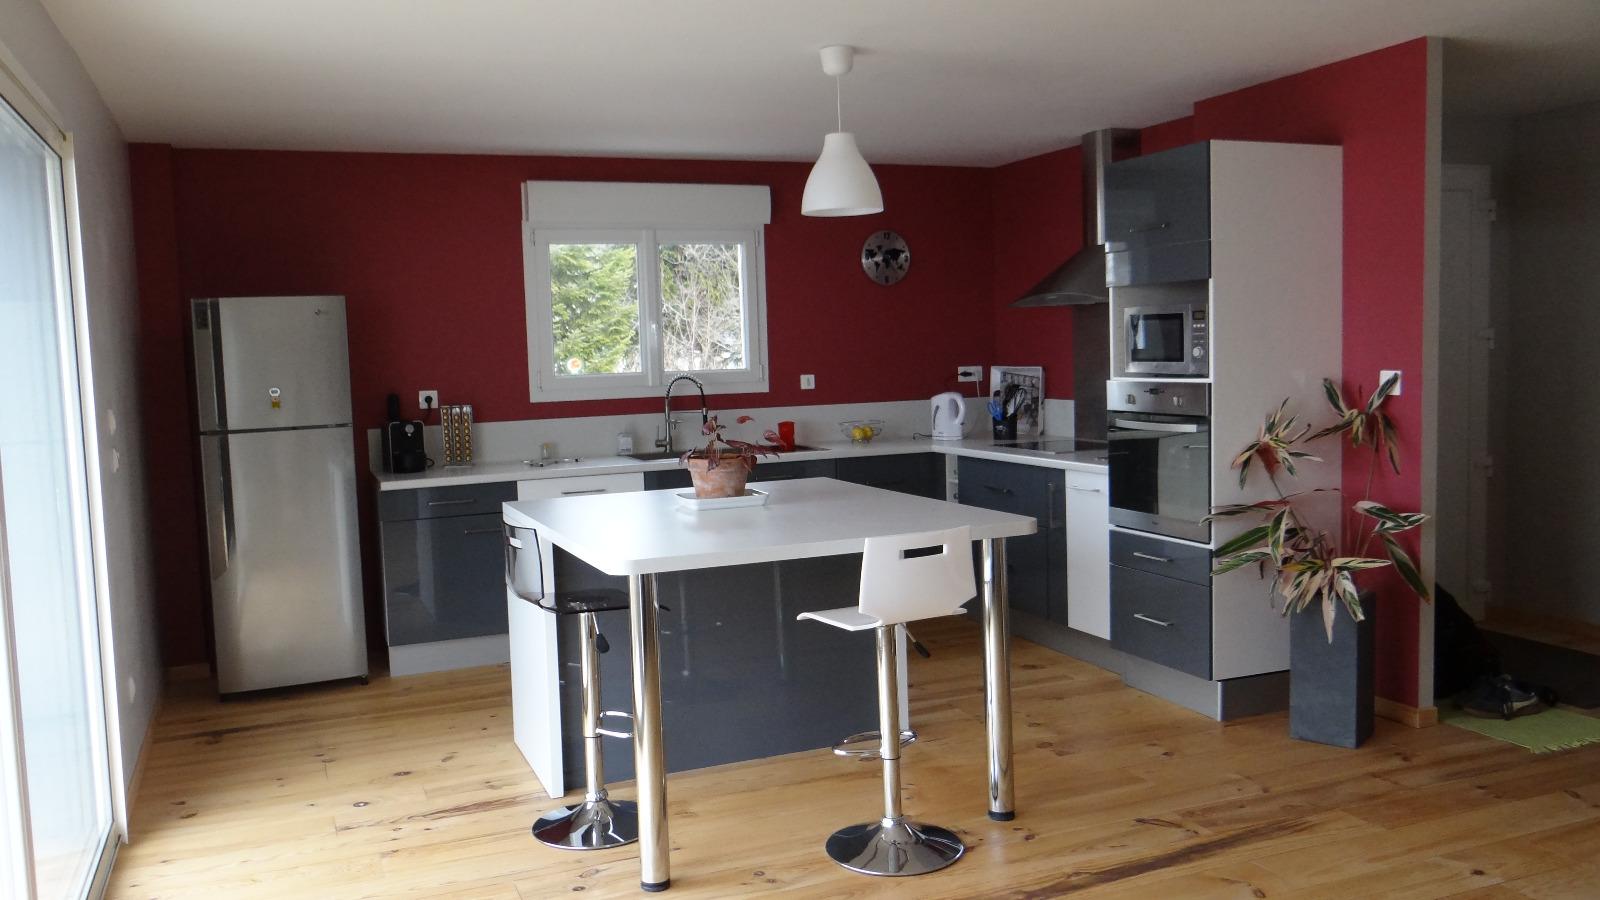 Camurac a vendre maison neuve avec jardin 3 chambres for Achat maison neuve 33000